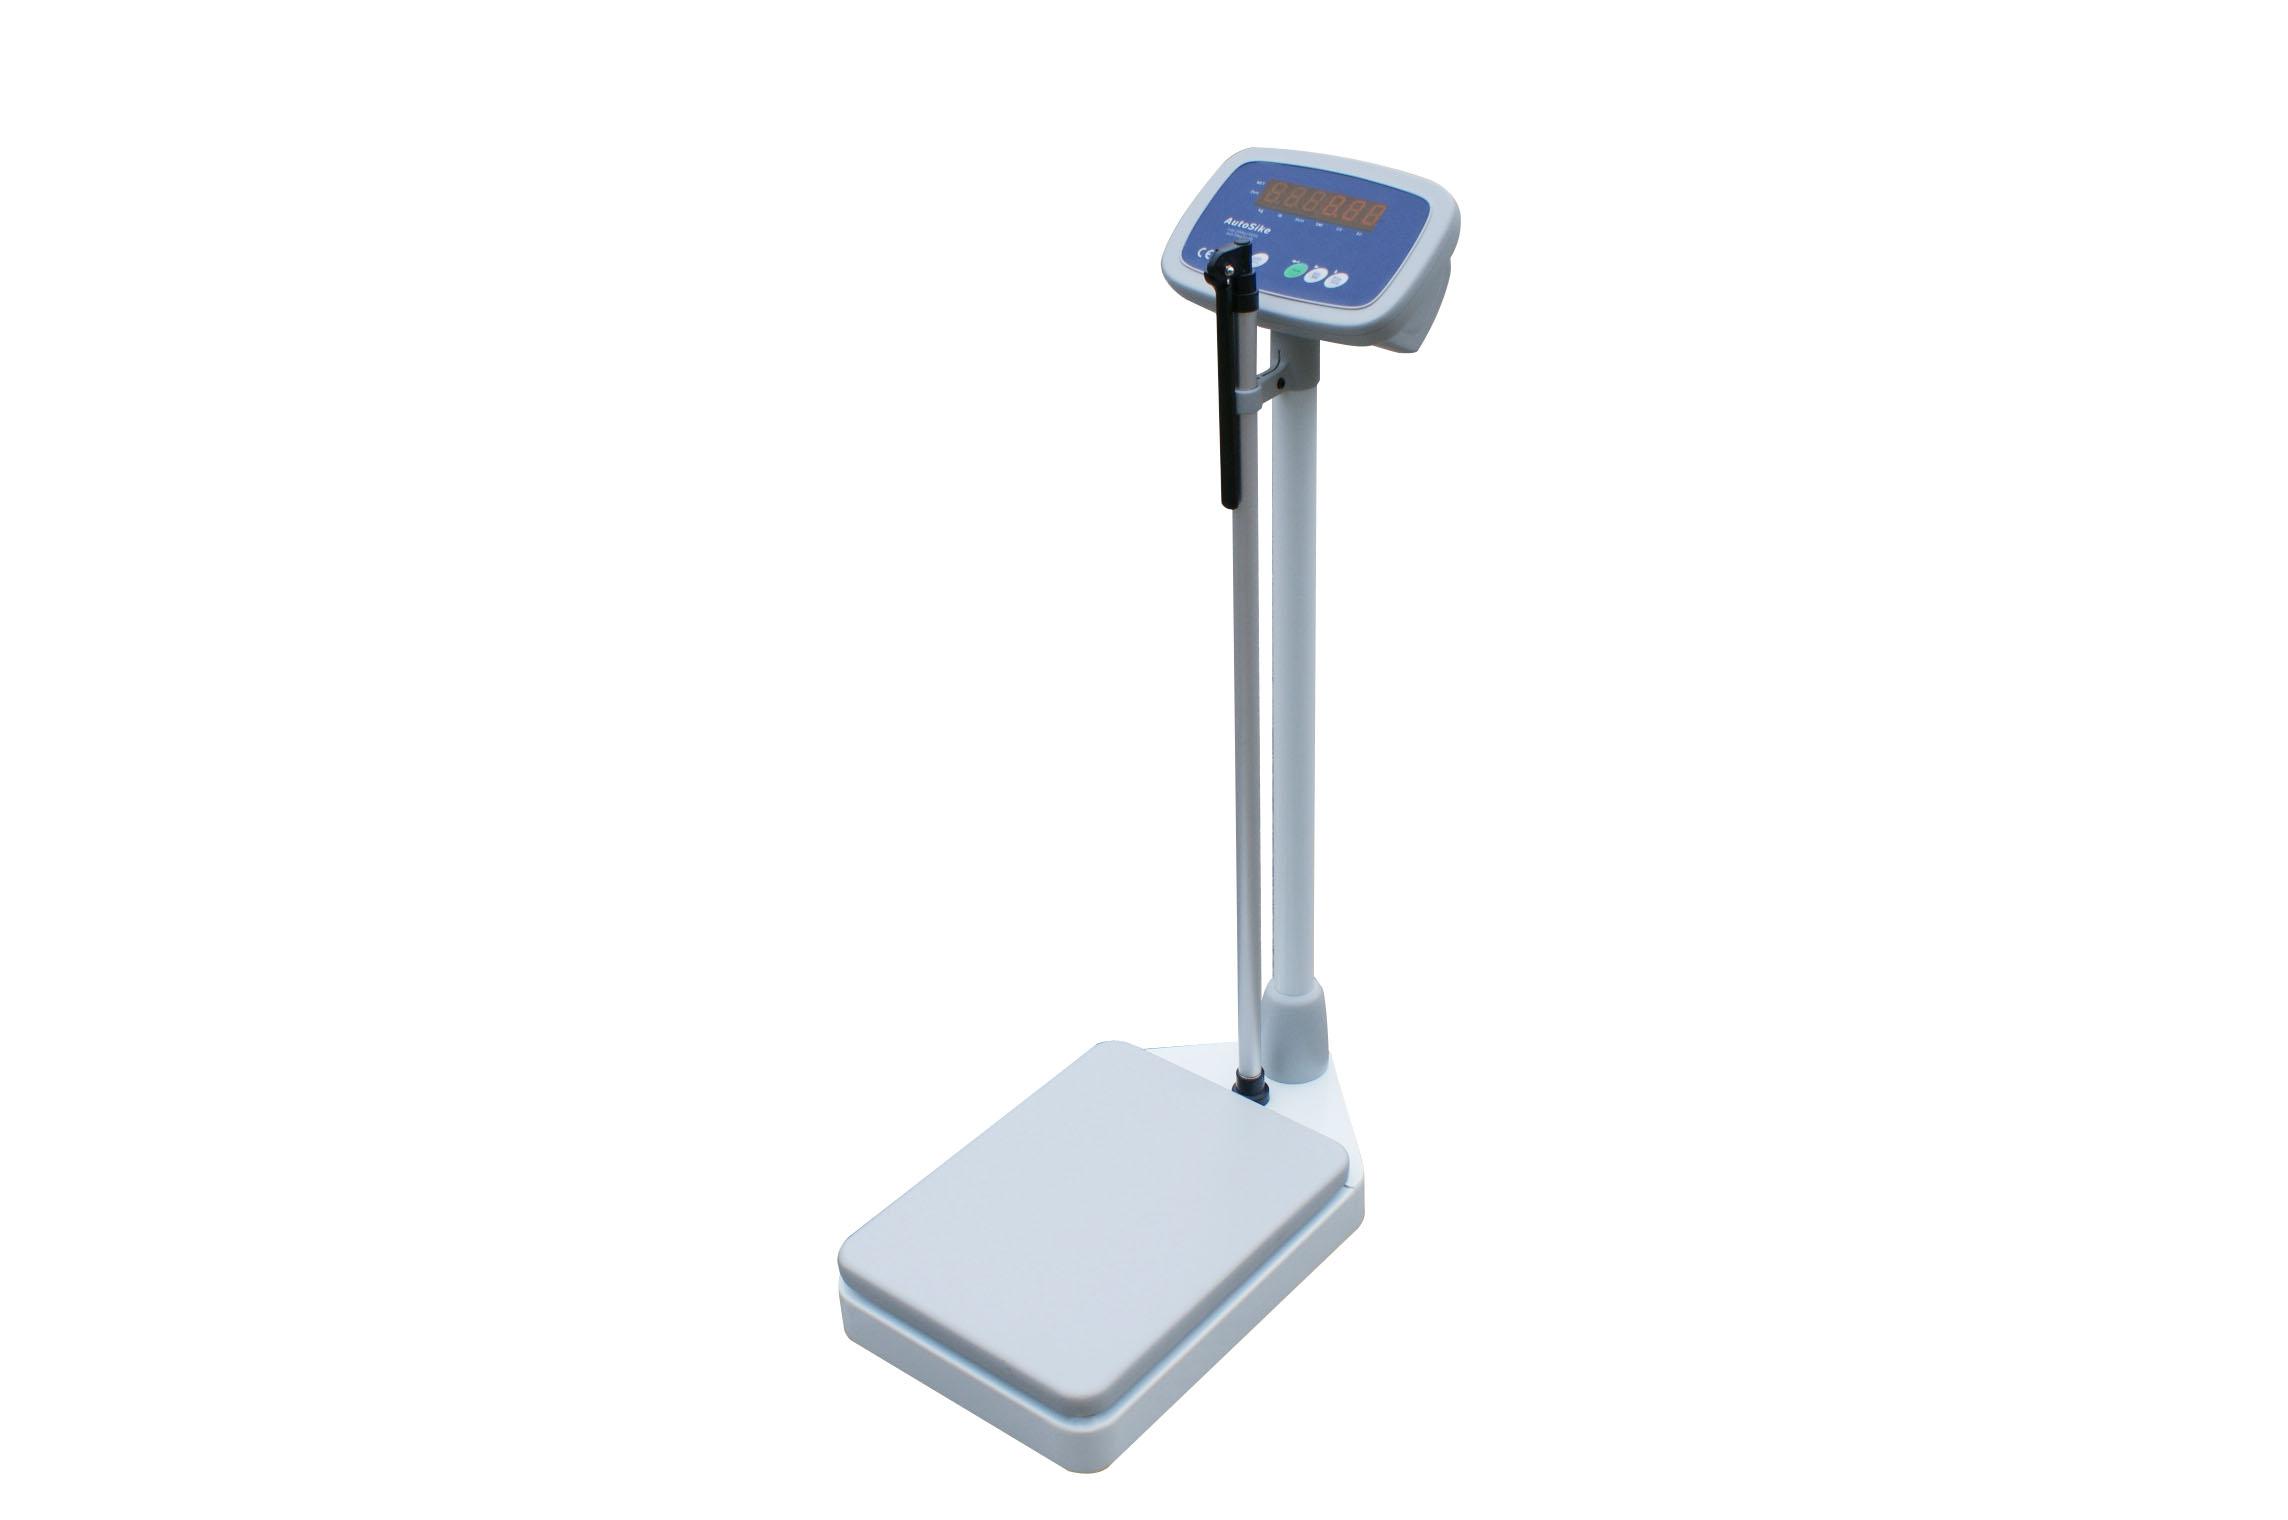 身高体重秤,测量身高体重电子秤